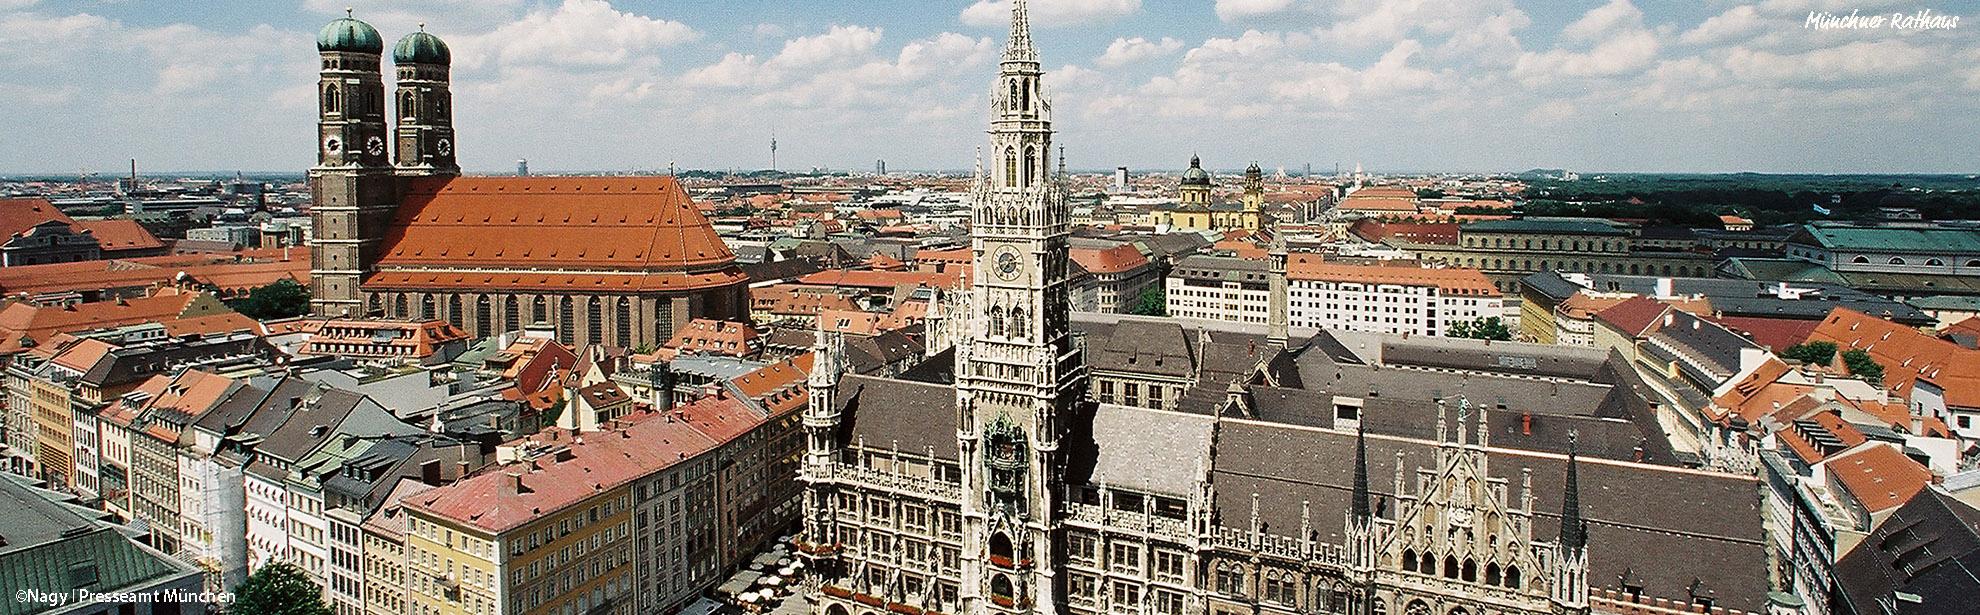 ONagy-Presseamt-Mnchen_Mnchner_Rathaus_009